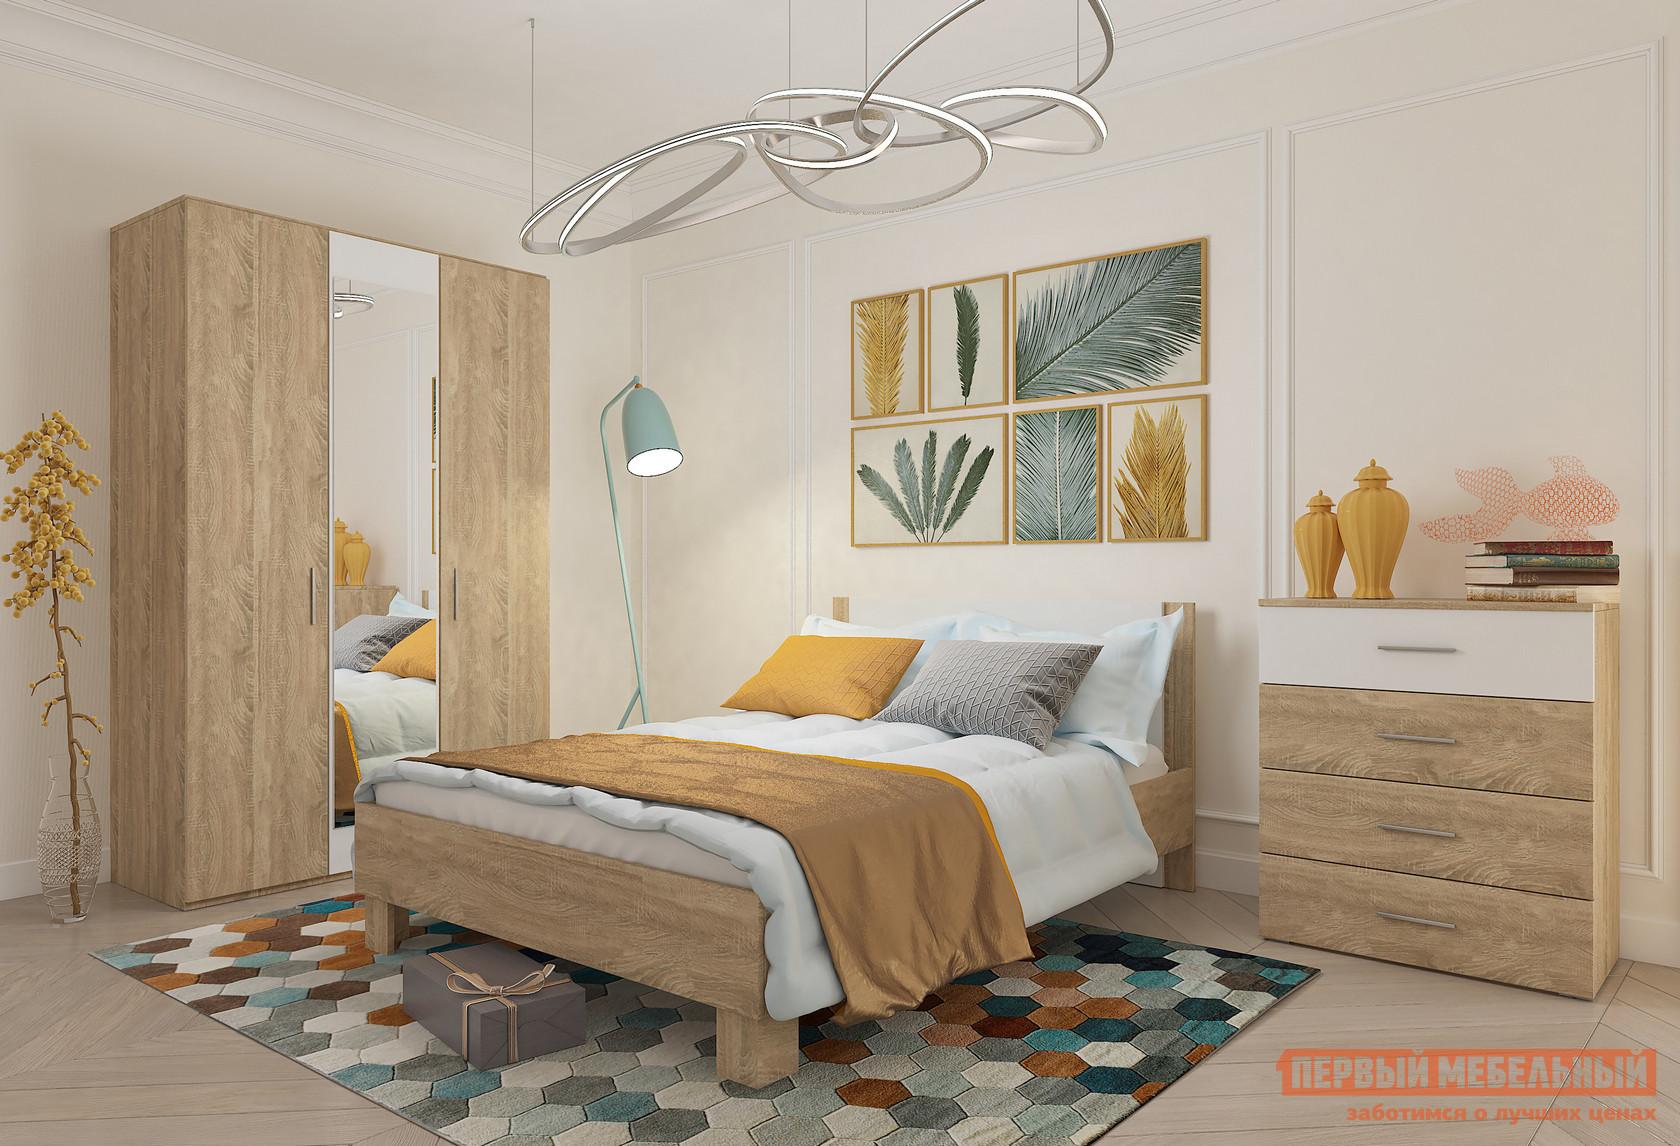 Спальный гарнитур Милана Монморанси К2 спальный гарнитур мебельсон виктория 2 к1